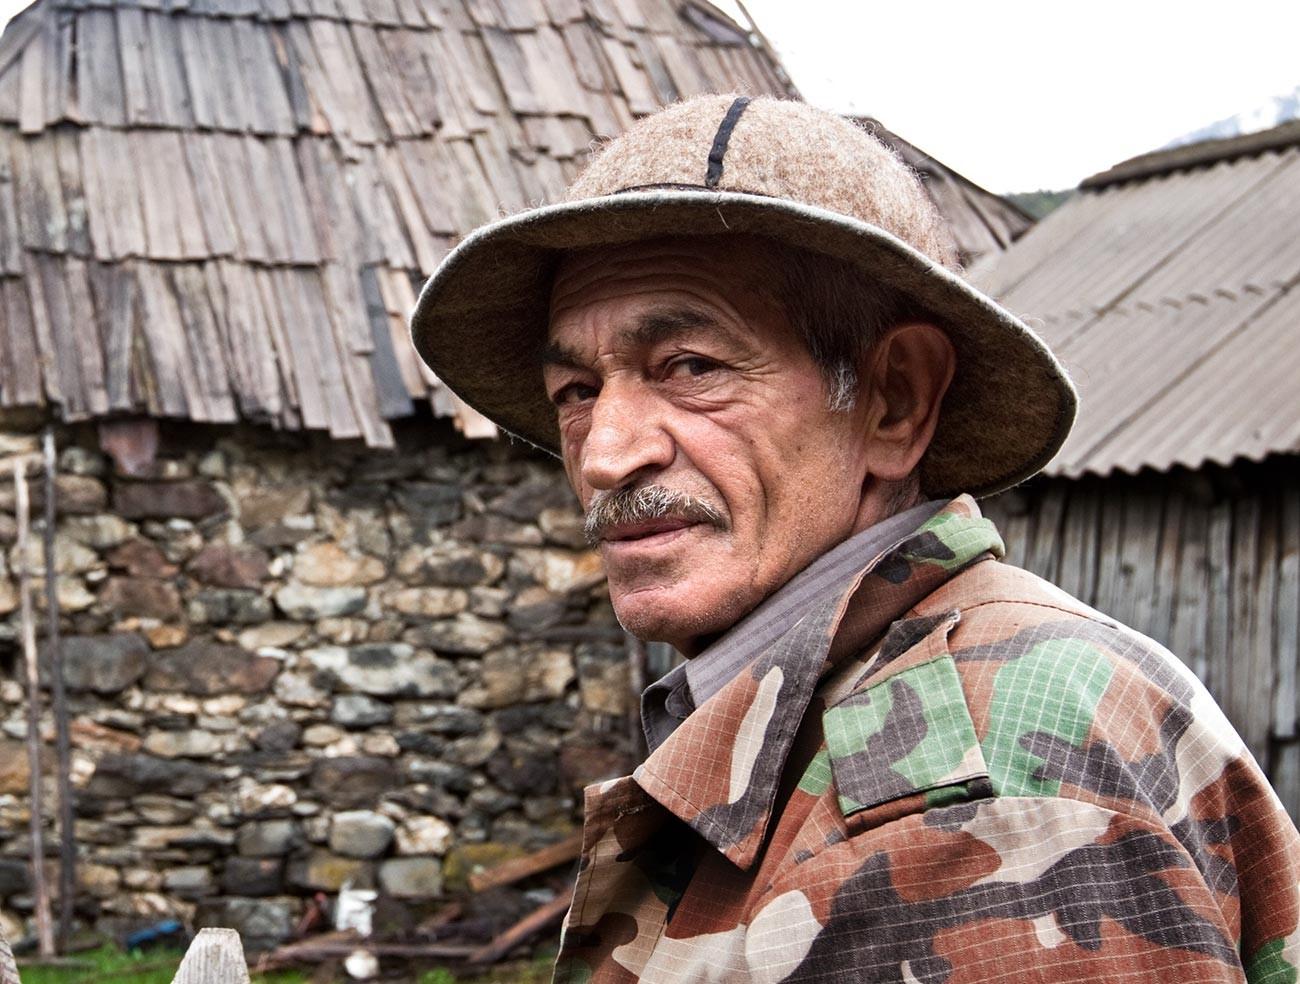 Un homme portant une coiffe traditionnelle ossète